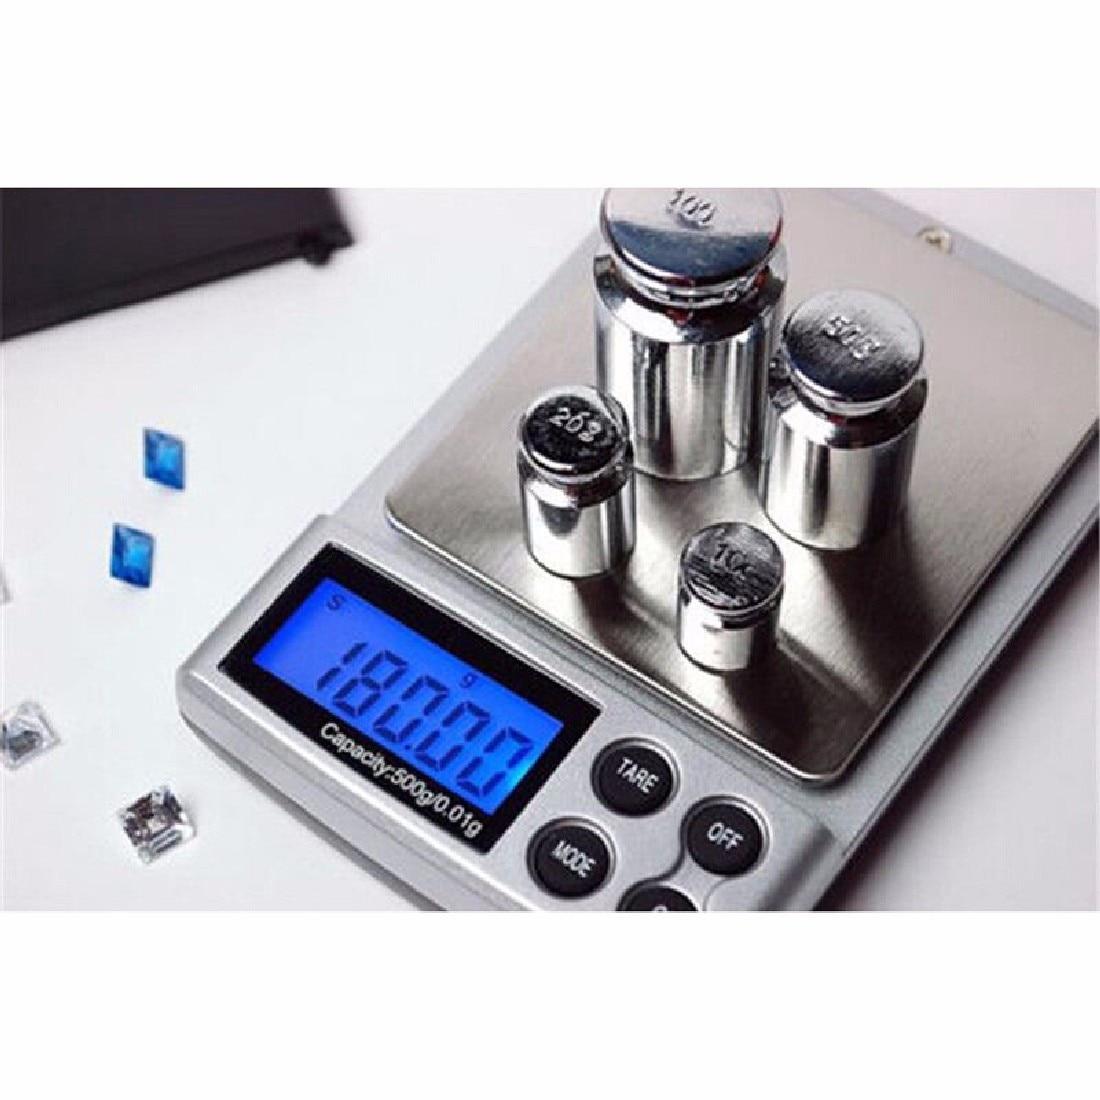 1db 500g x 0,01 g digitális precíziós mérleg arany ezüst - Mérőműszerek - Fénykép 6